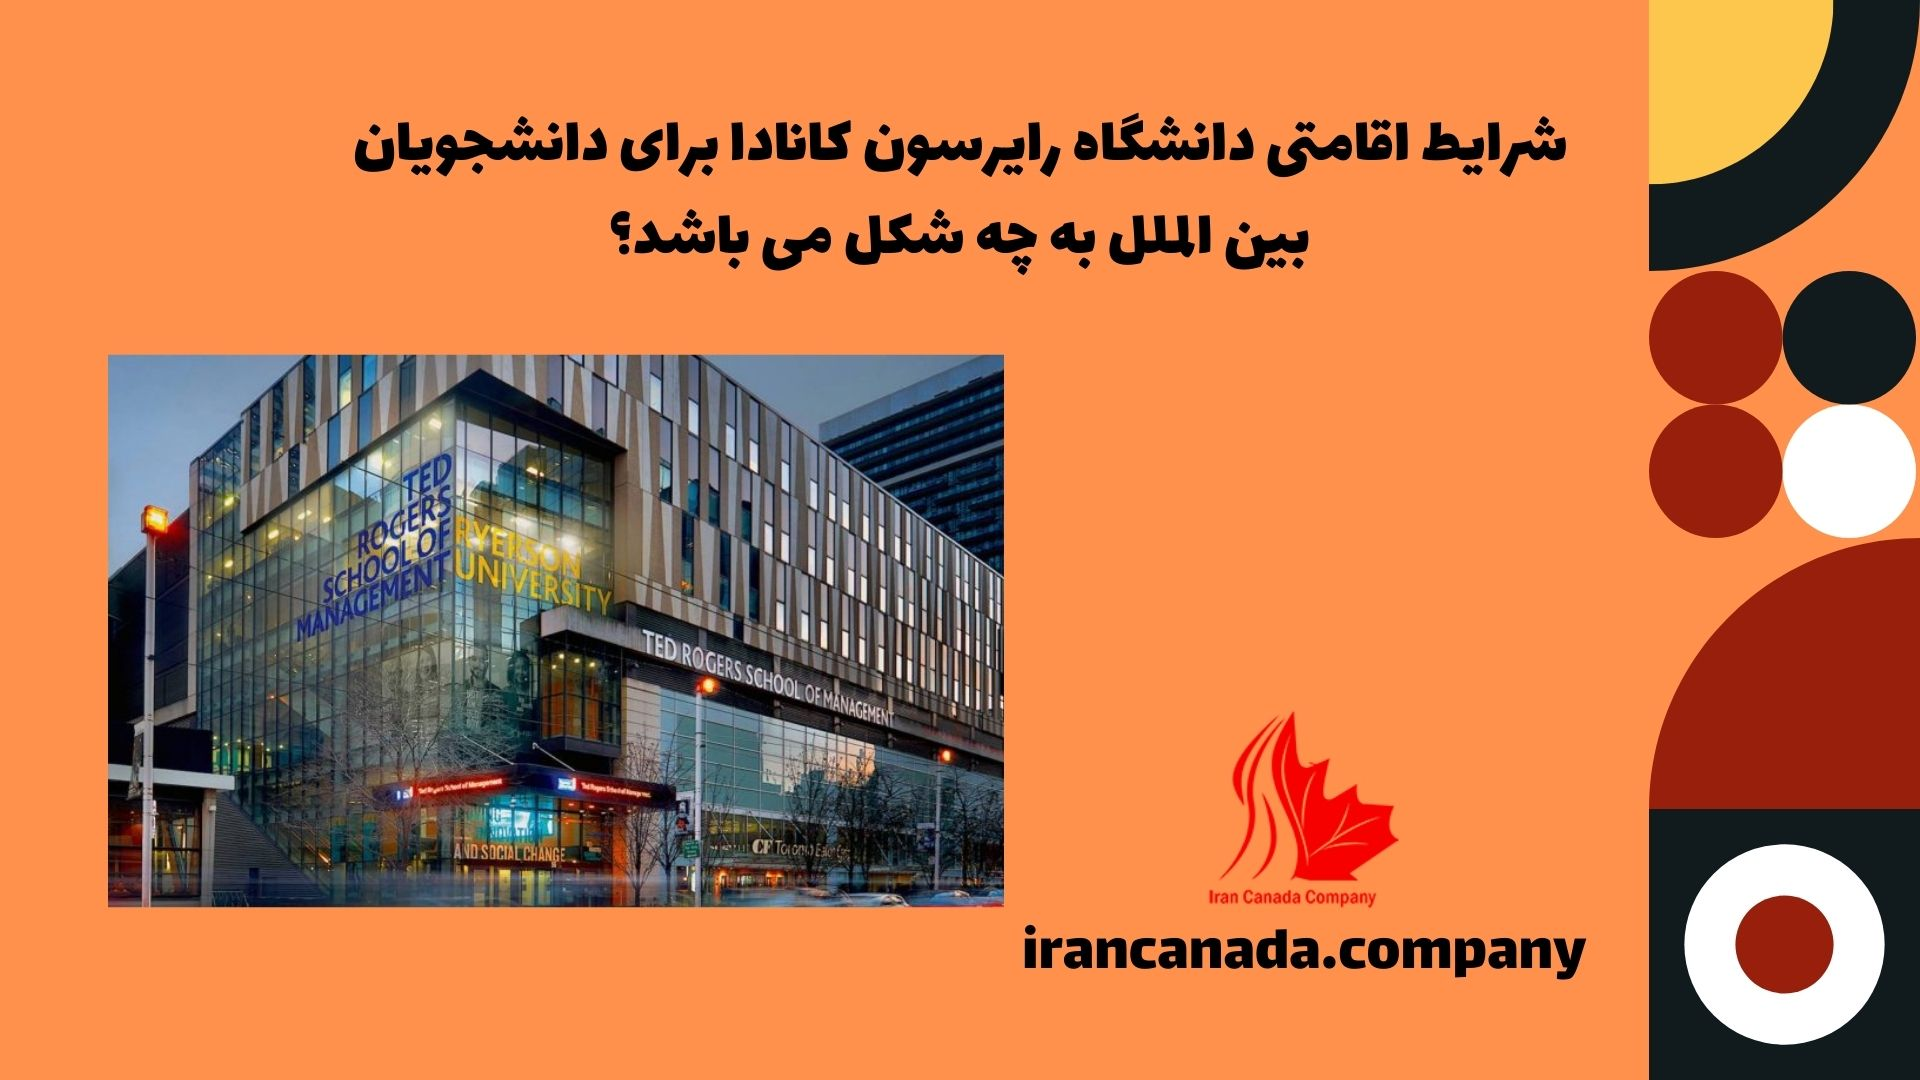 شرایط اقامتی دانشگاه رایرسون کانادا برای دانشجویان بین الملل به چه شکل می باشد؟